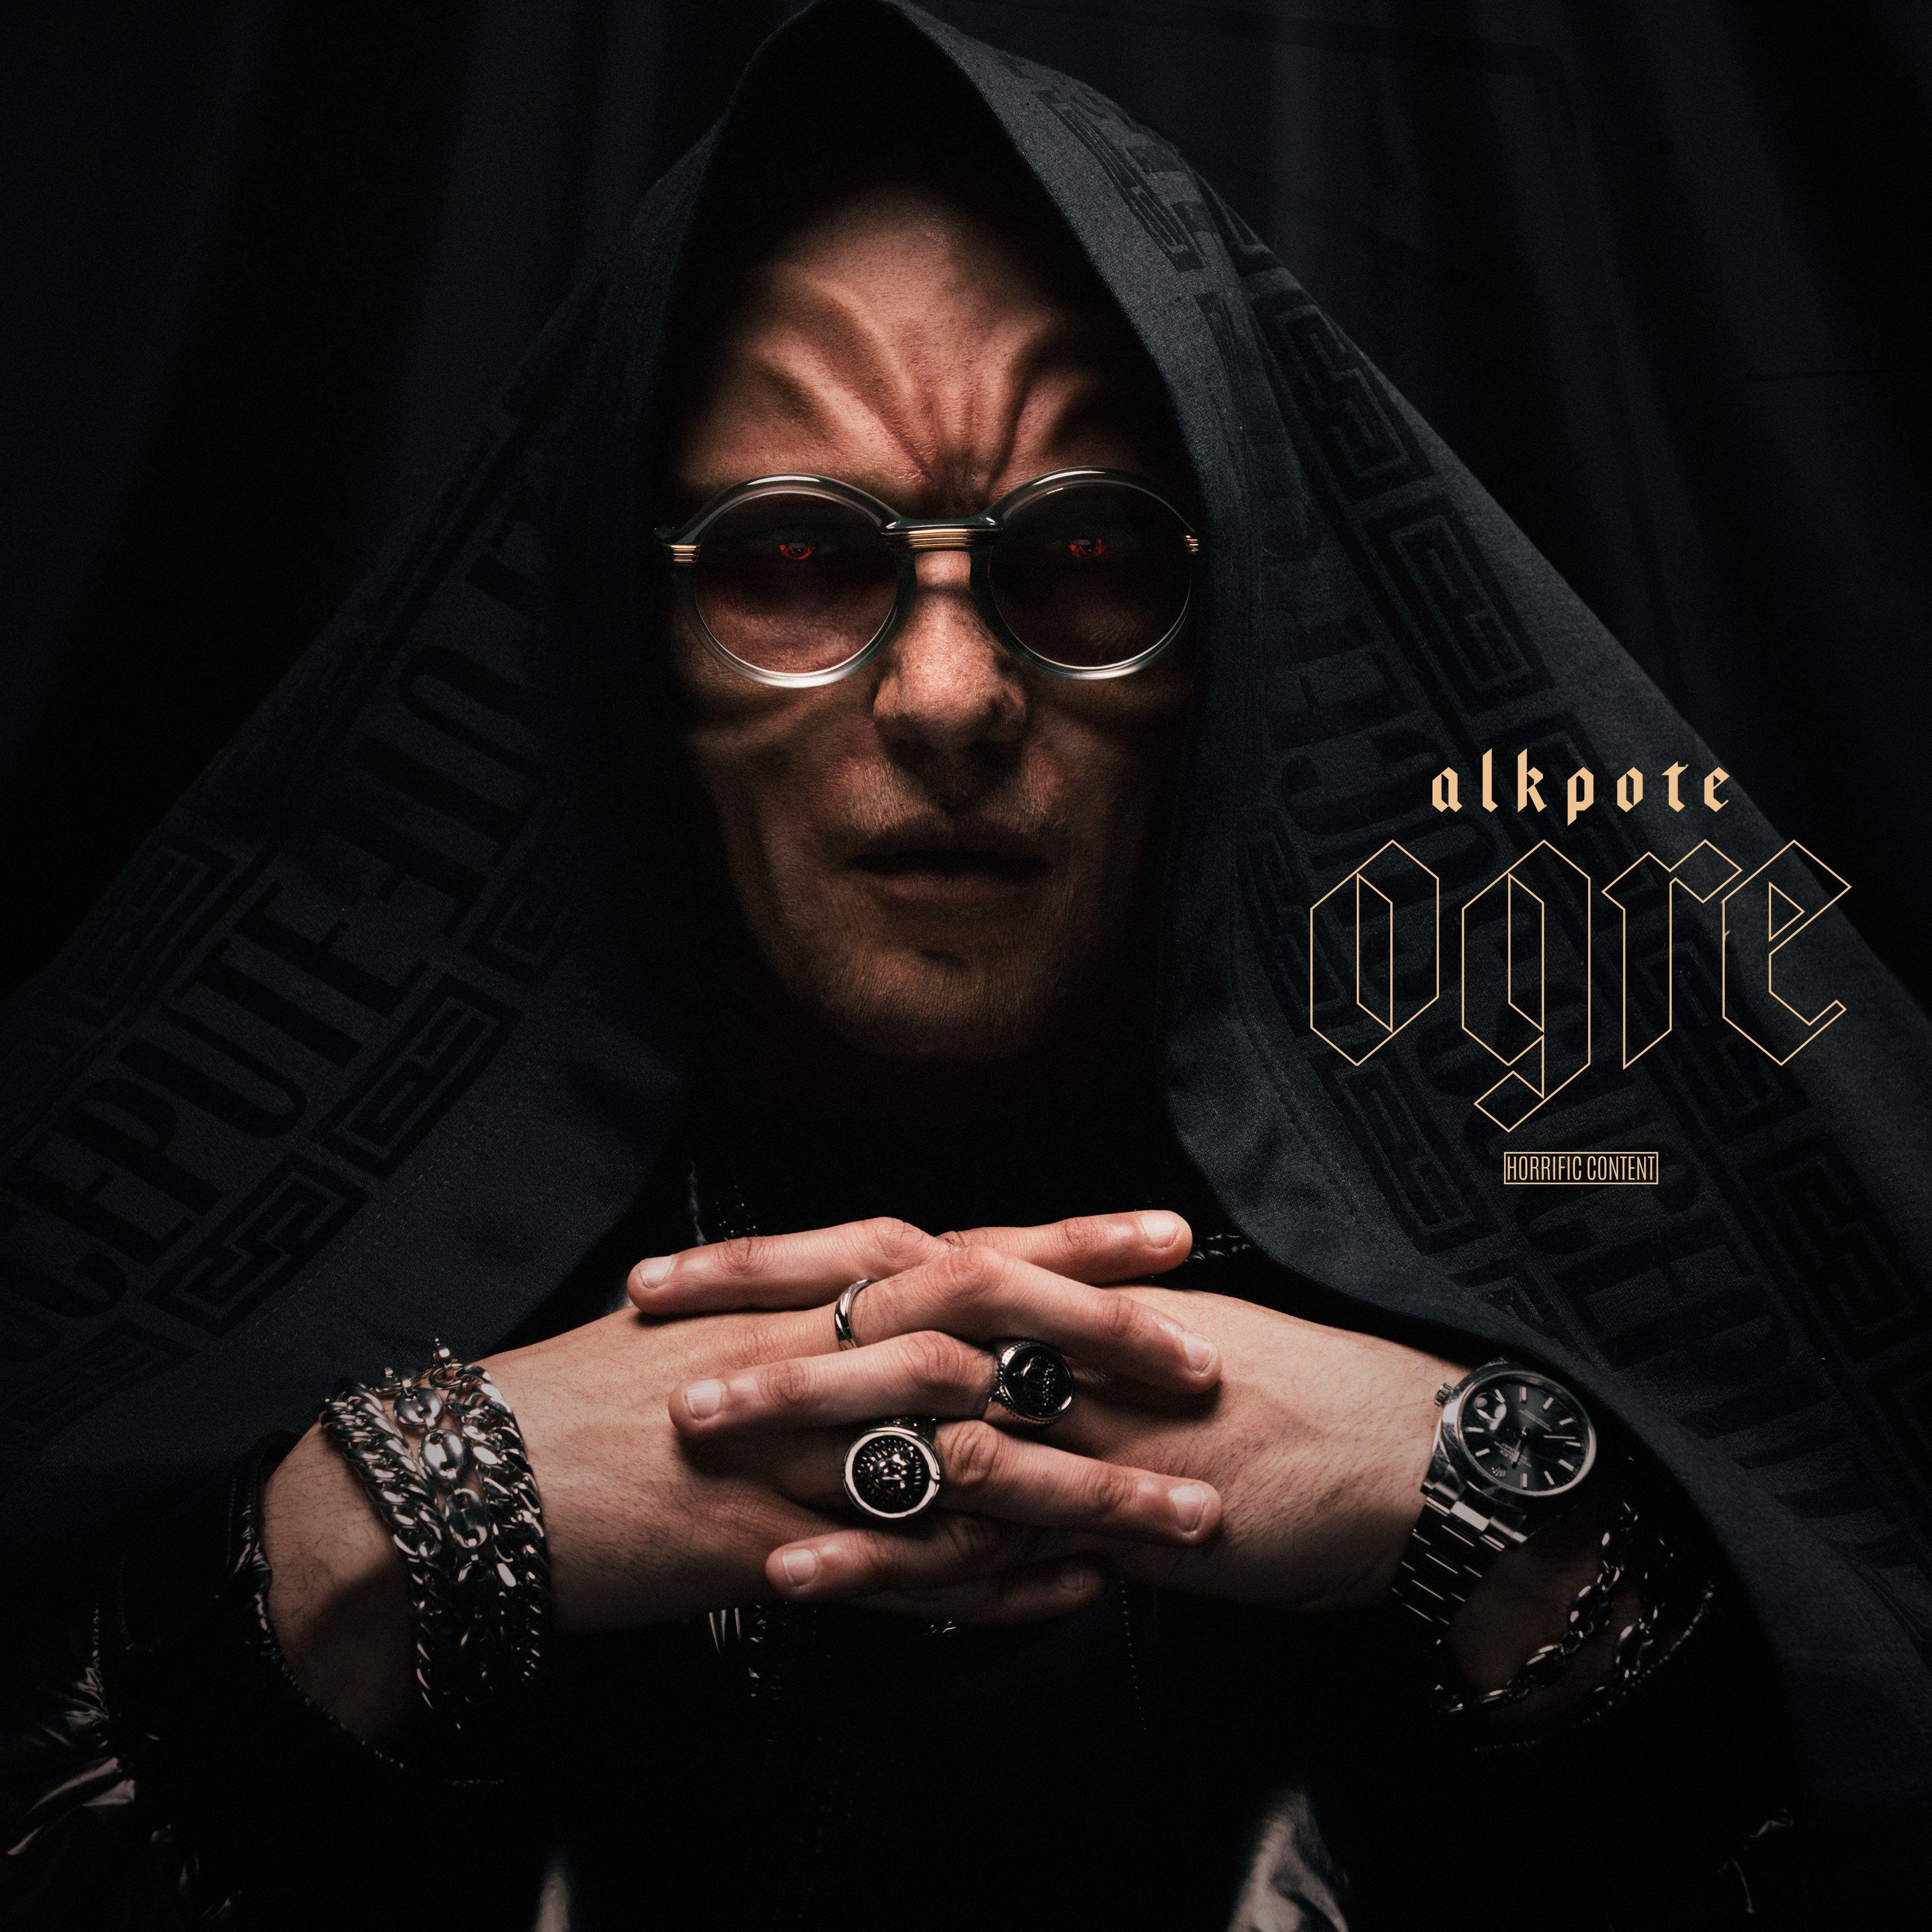 Alkpote - Ogre album cover